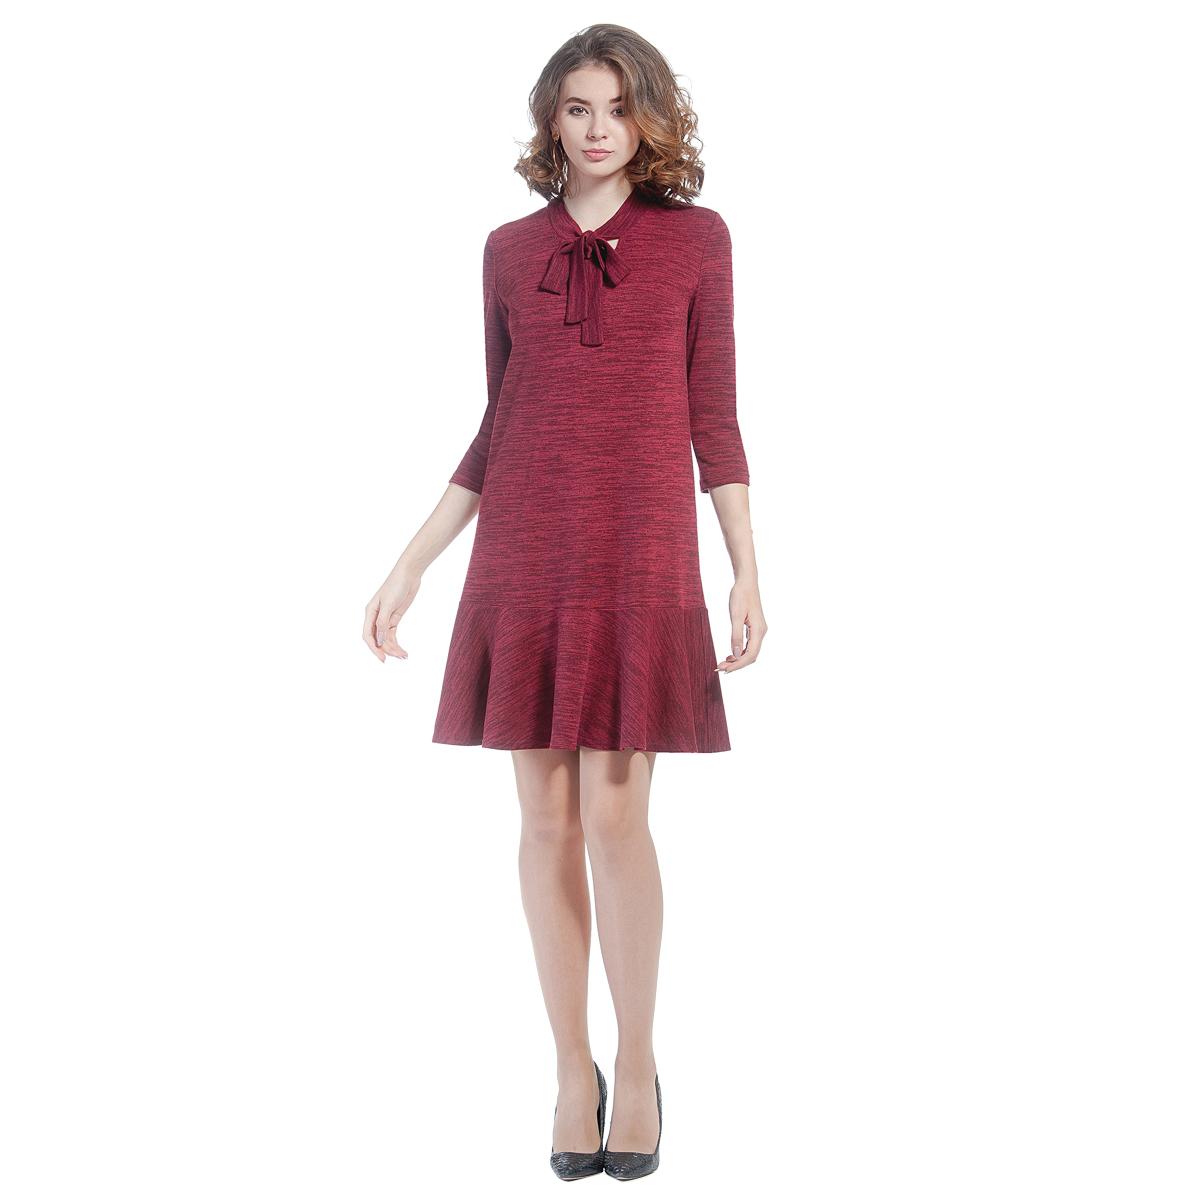 Платье KISLIS, 7409 УС цена